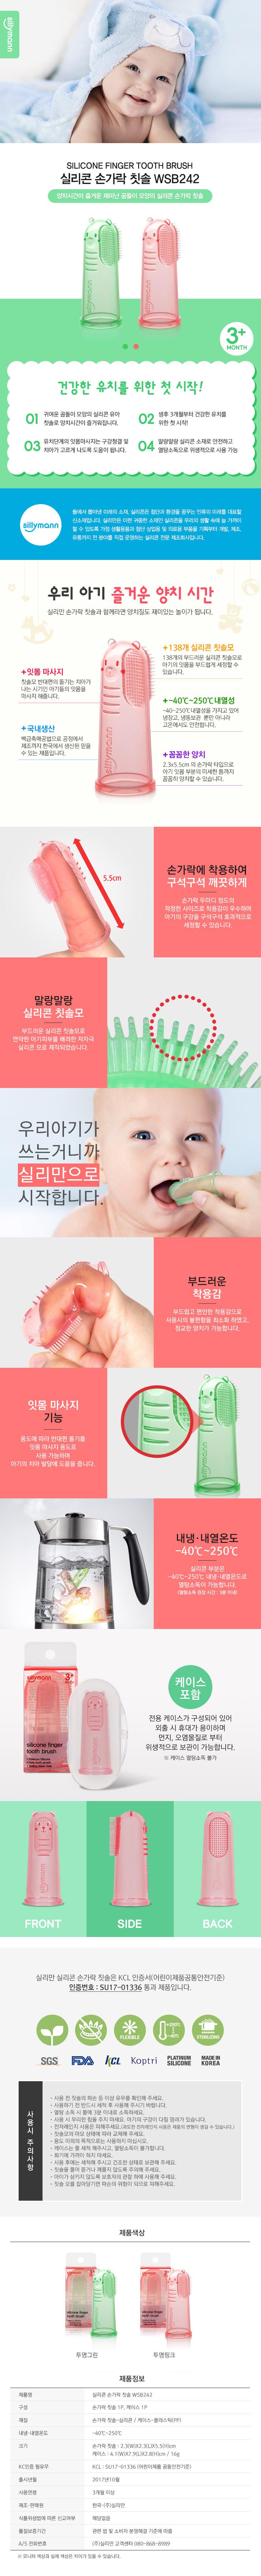 실리콘 손가락 칫솔 WSB242 - 실리만, 6,500원, 목욕용품, 칫솔/치약